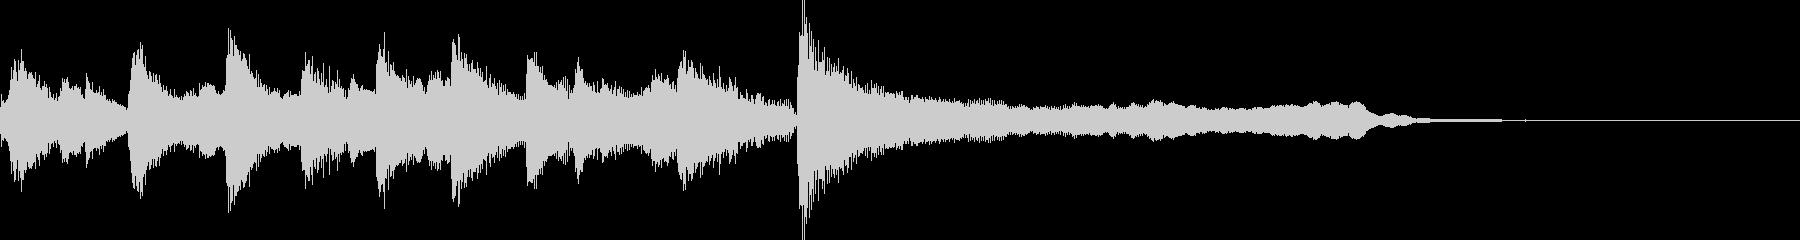 優しいオケ CM ジングル サウンドロゴの未再生の波形